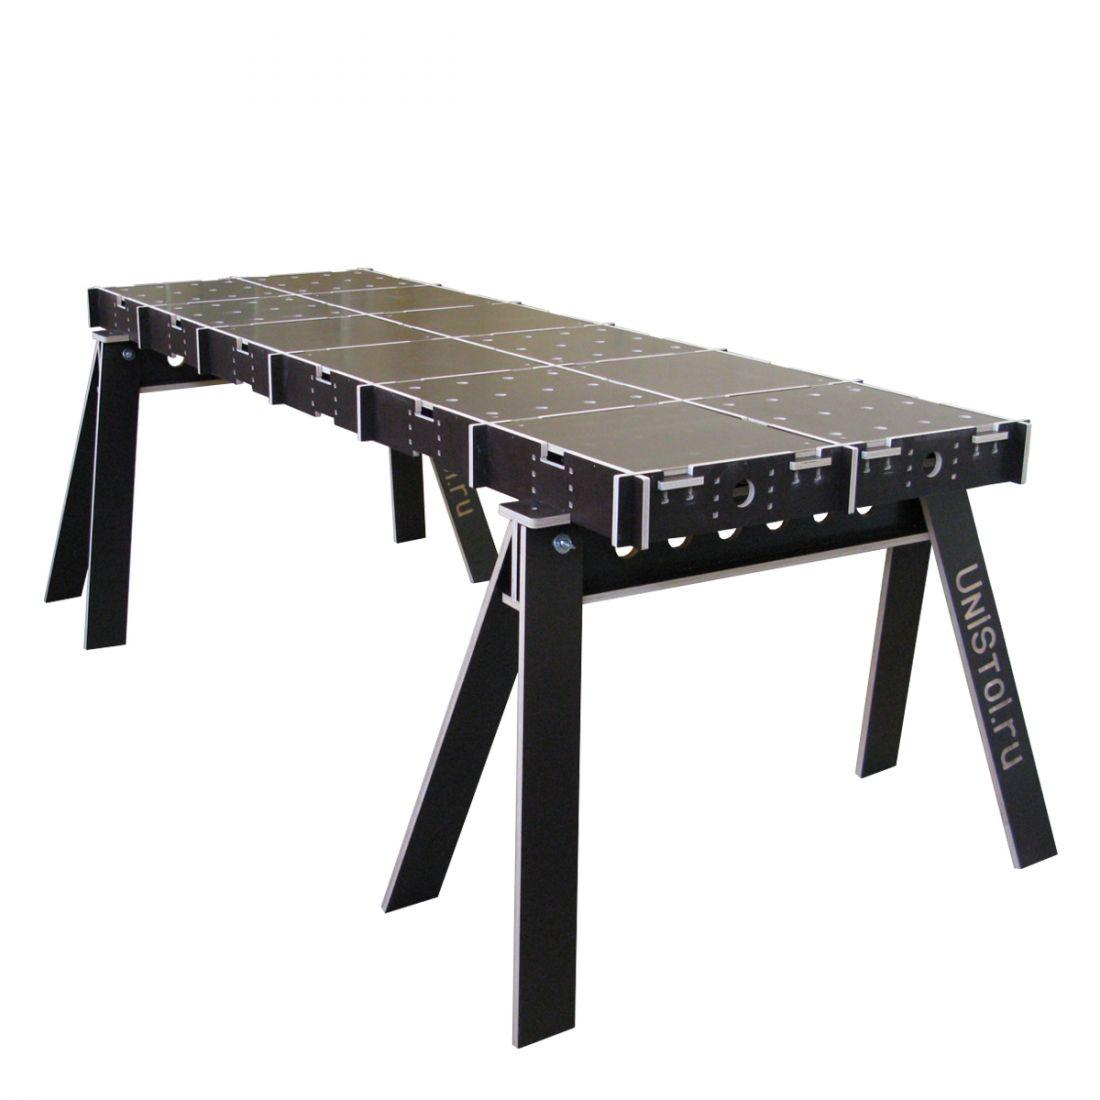 Ячеистый стол для раскроя листовых материалов 2400x800 мм со столешницой